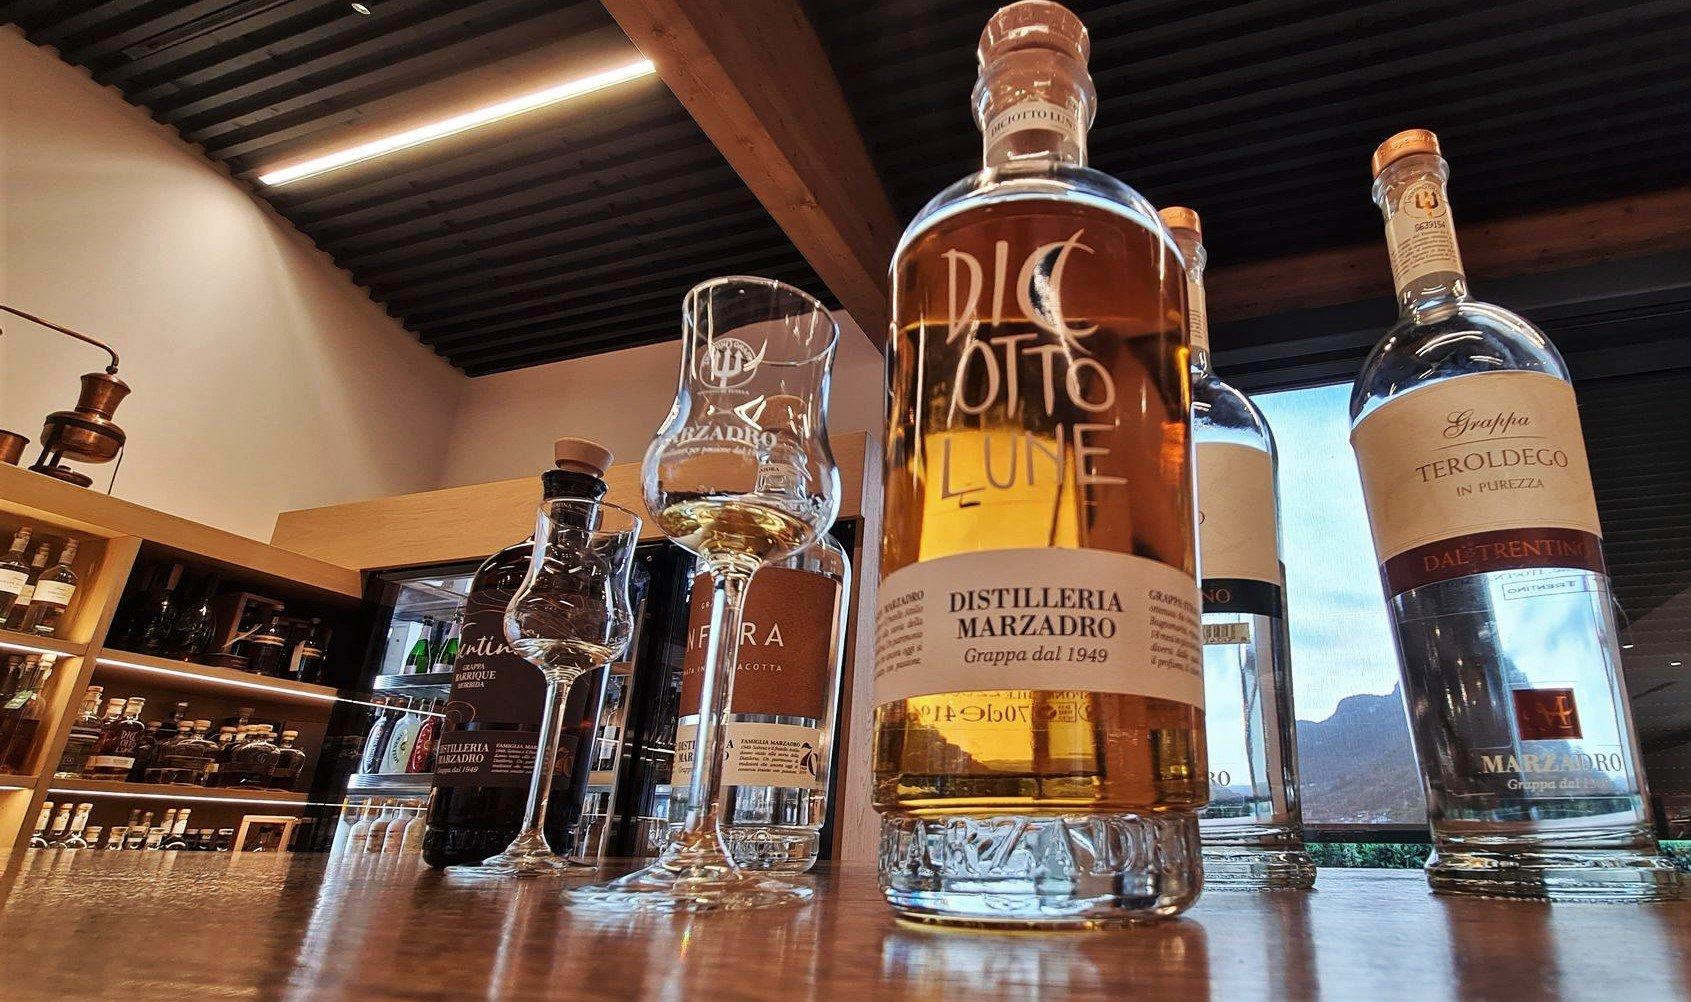 I prodotti della distilleria Marzadro